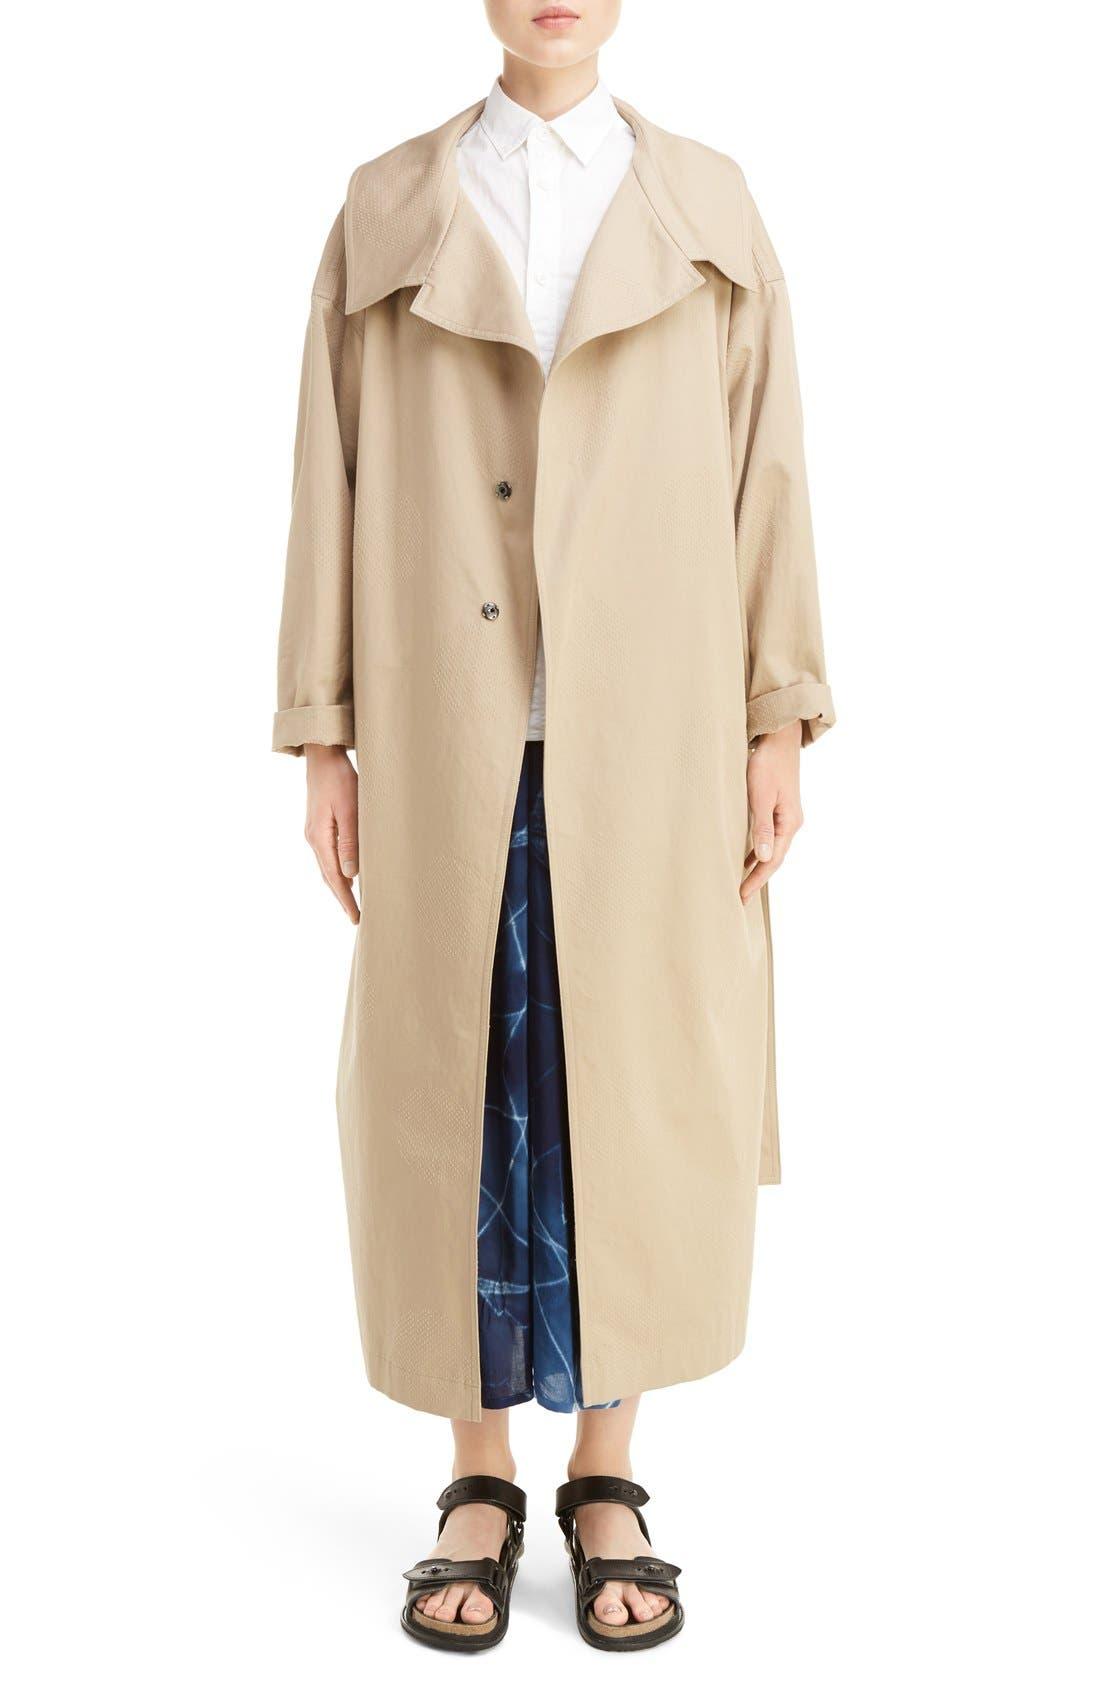 U-Gown Coat,                             Main thumbnail 1, color,                             Beige